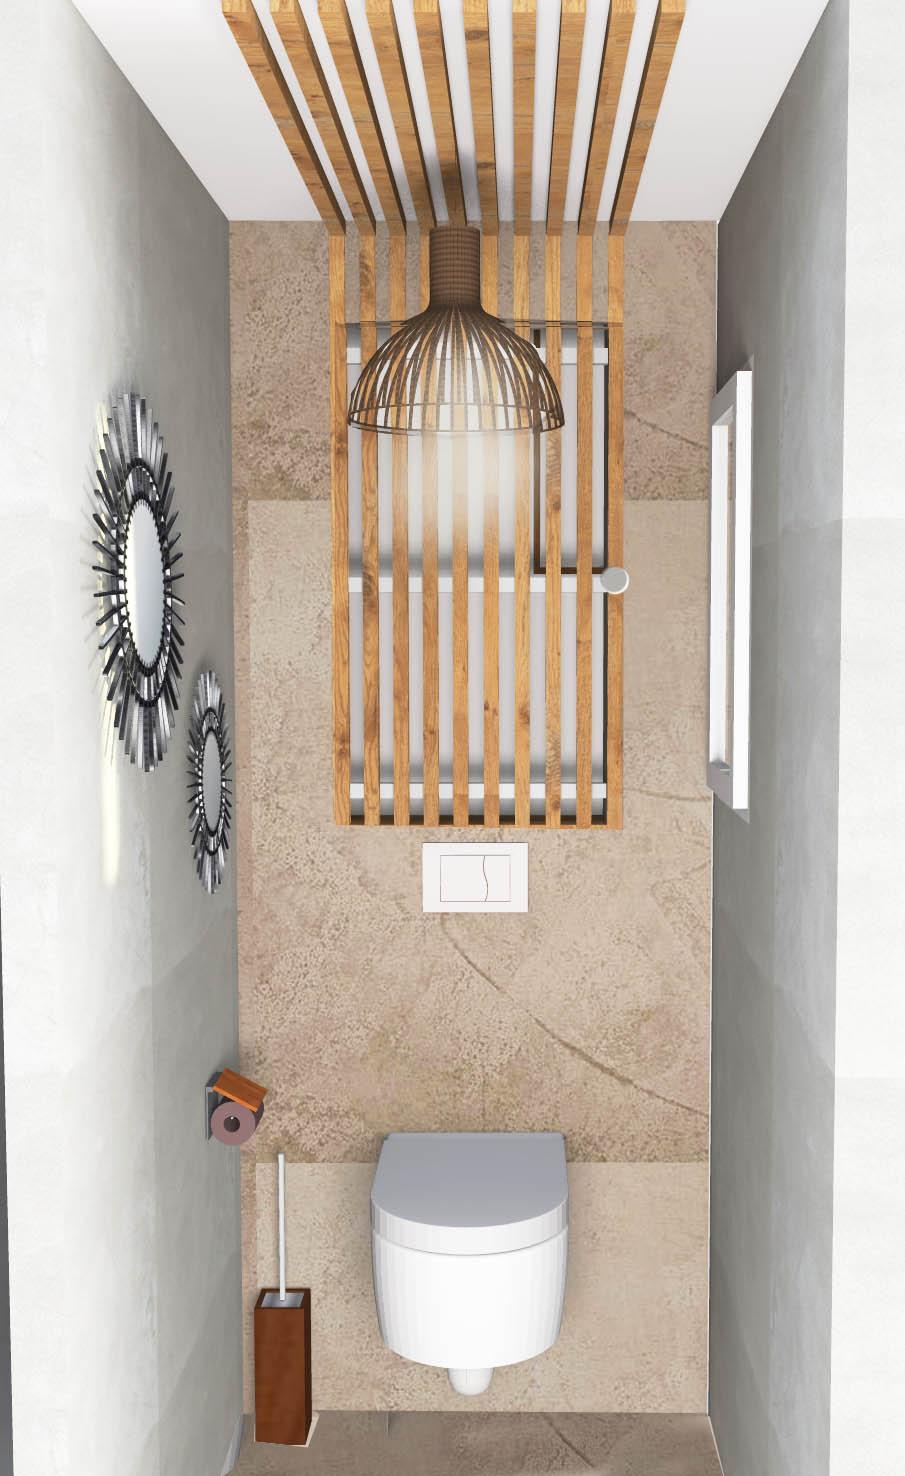 WC-toilette-décoration-aménagement | Agencement de pharmacie ...